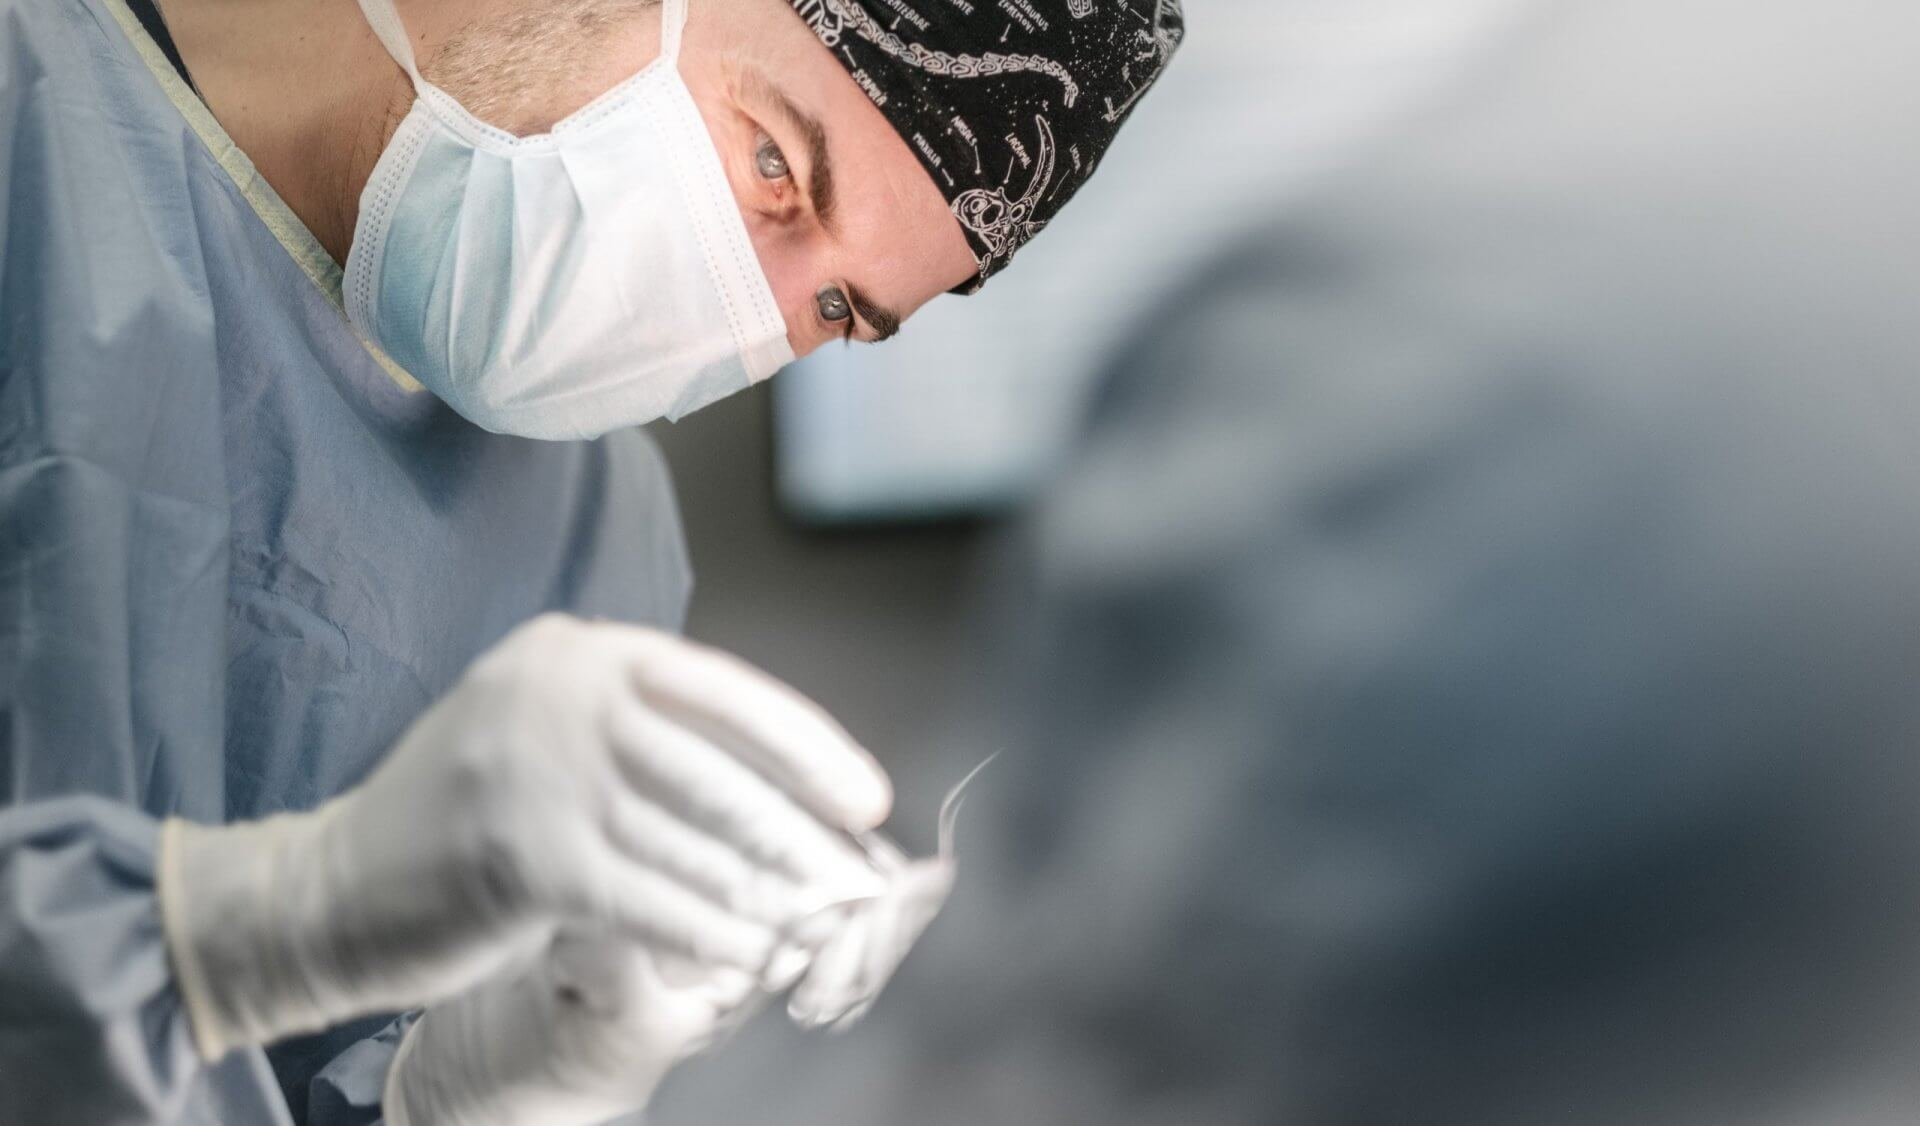 Tierarztpraxis Dr. Sörensen GmbH - Minmal invasive Chirurgie